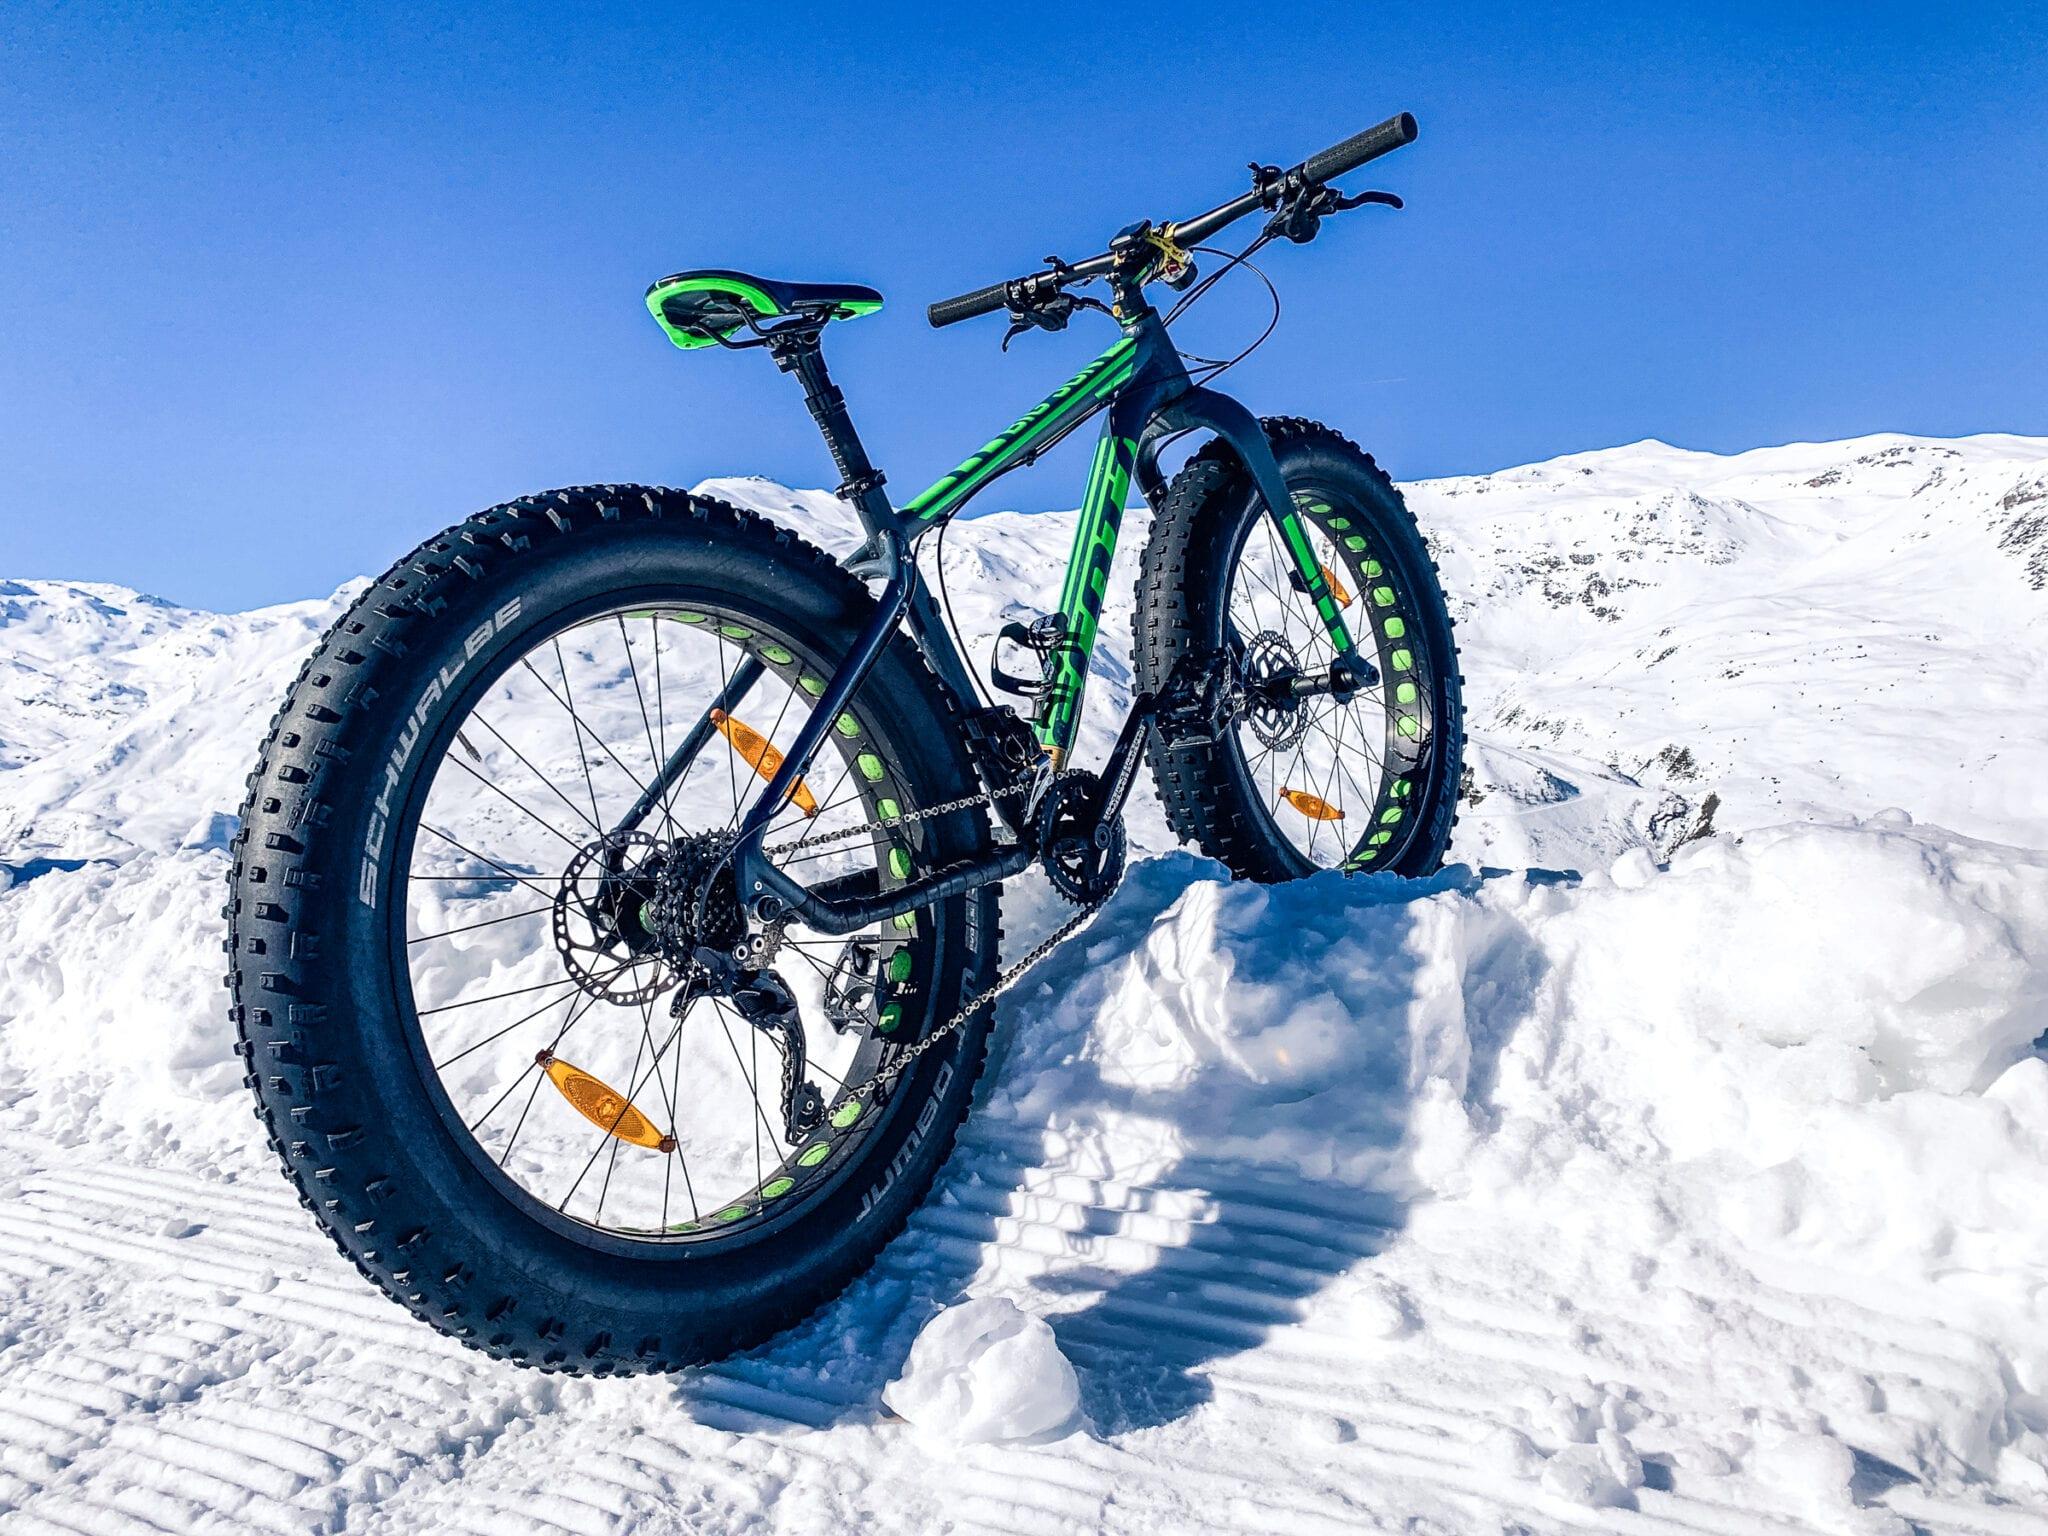 fatbiken in de sneeuw